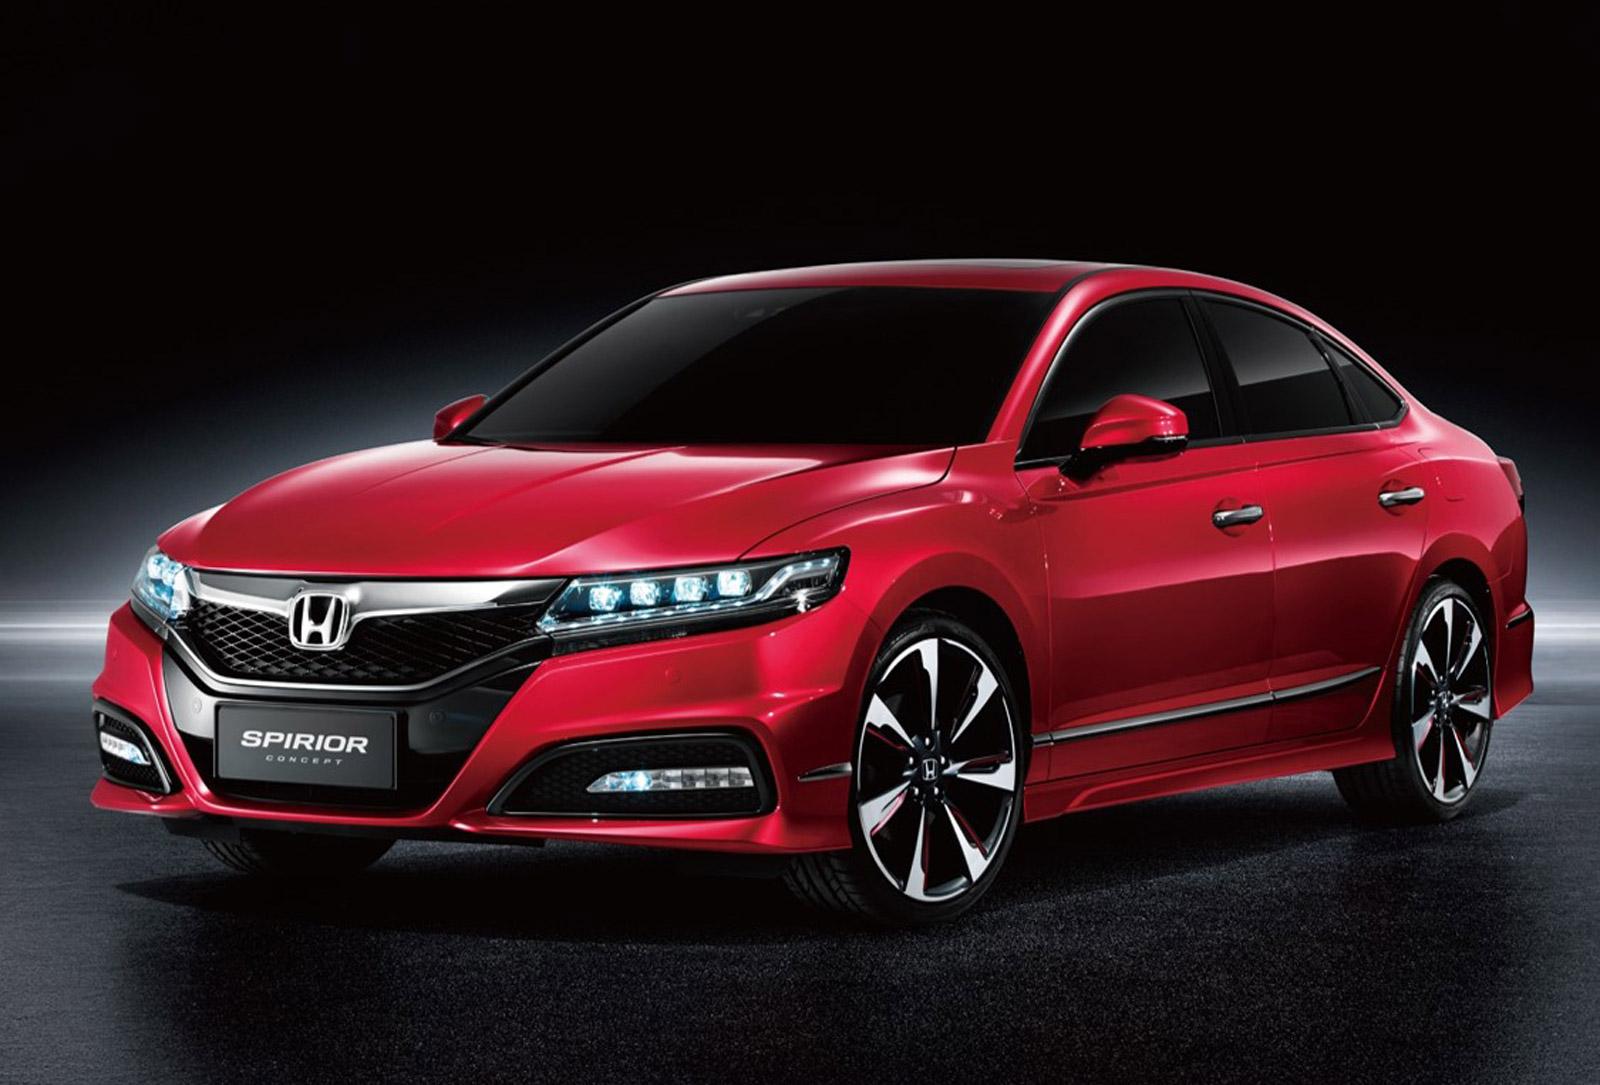 Honda Debuts Spirior And B Sedan Concepts In China